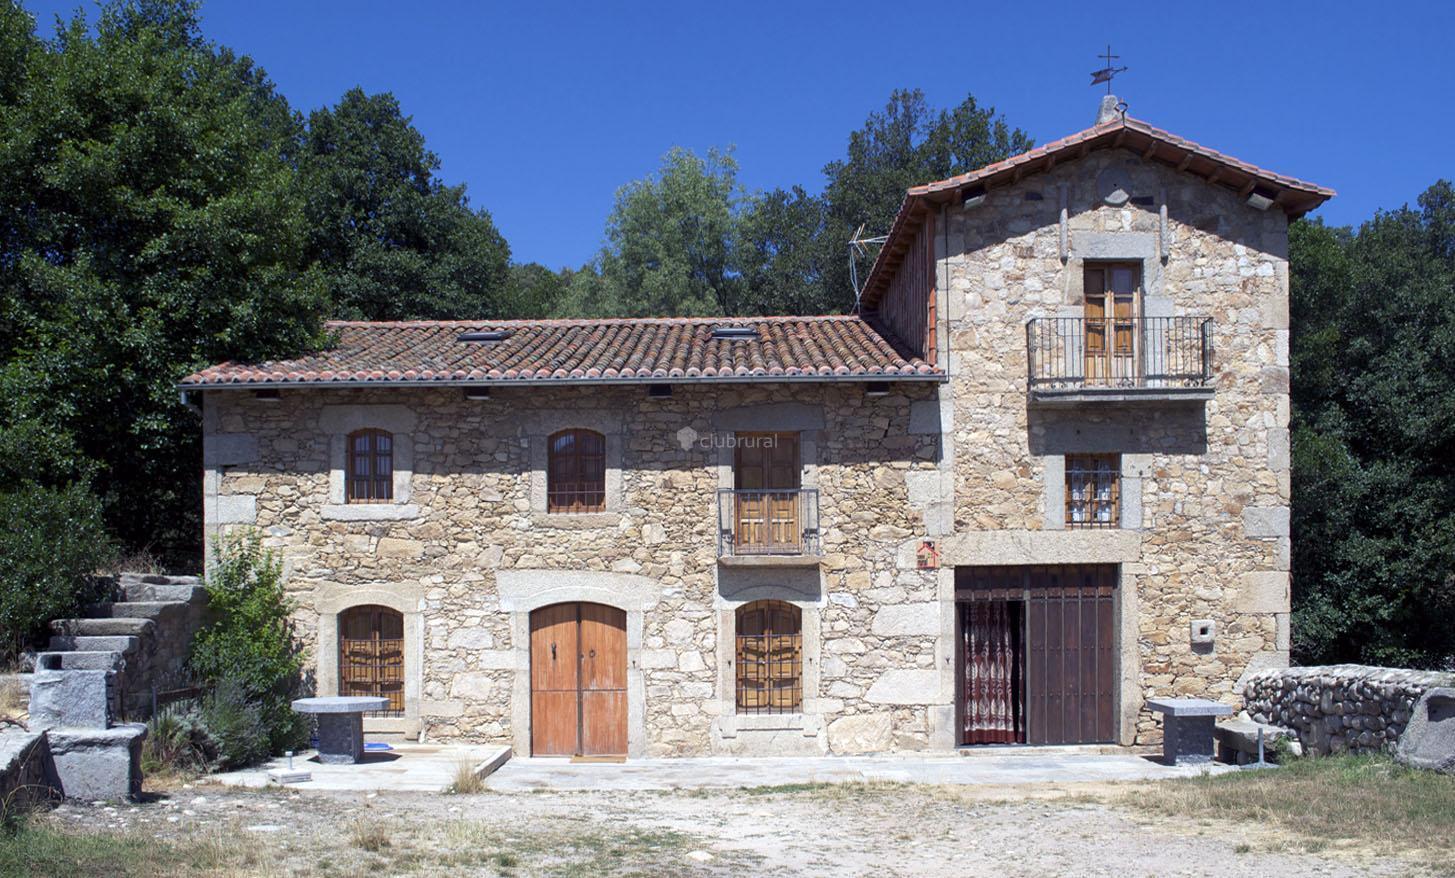 Fotos de vivegredos el molino de tormellas vila tormellas clubrural - Casas rurales en avila baratas ...